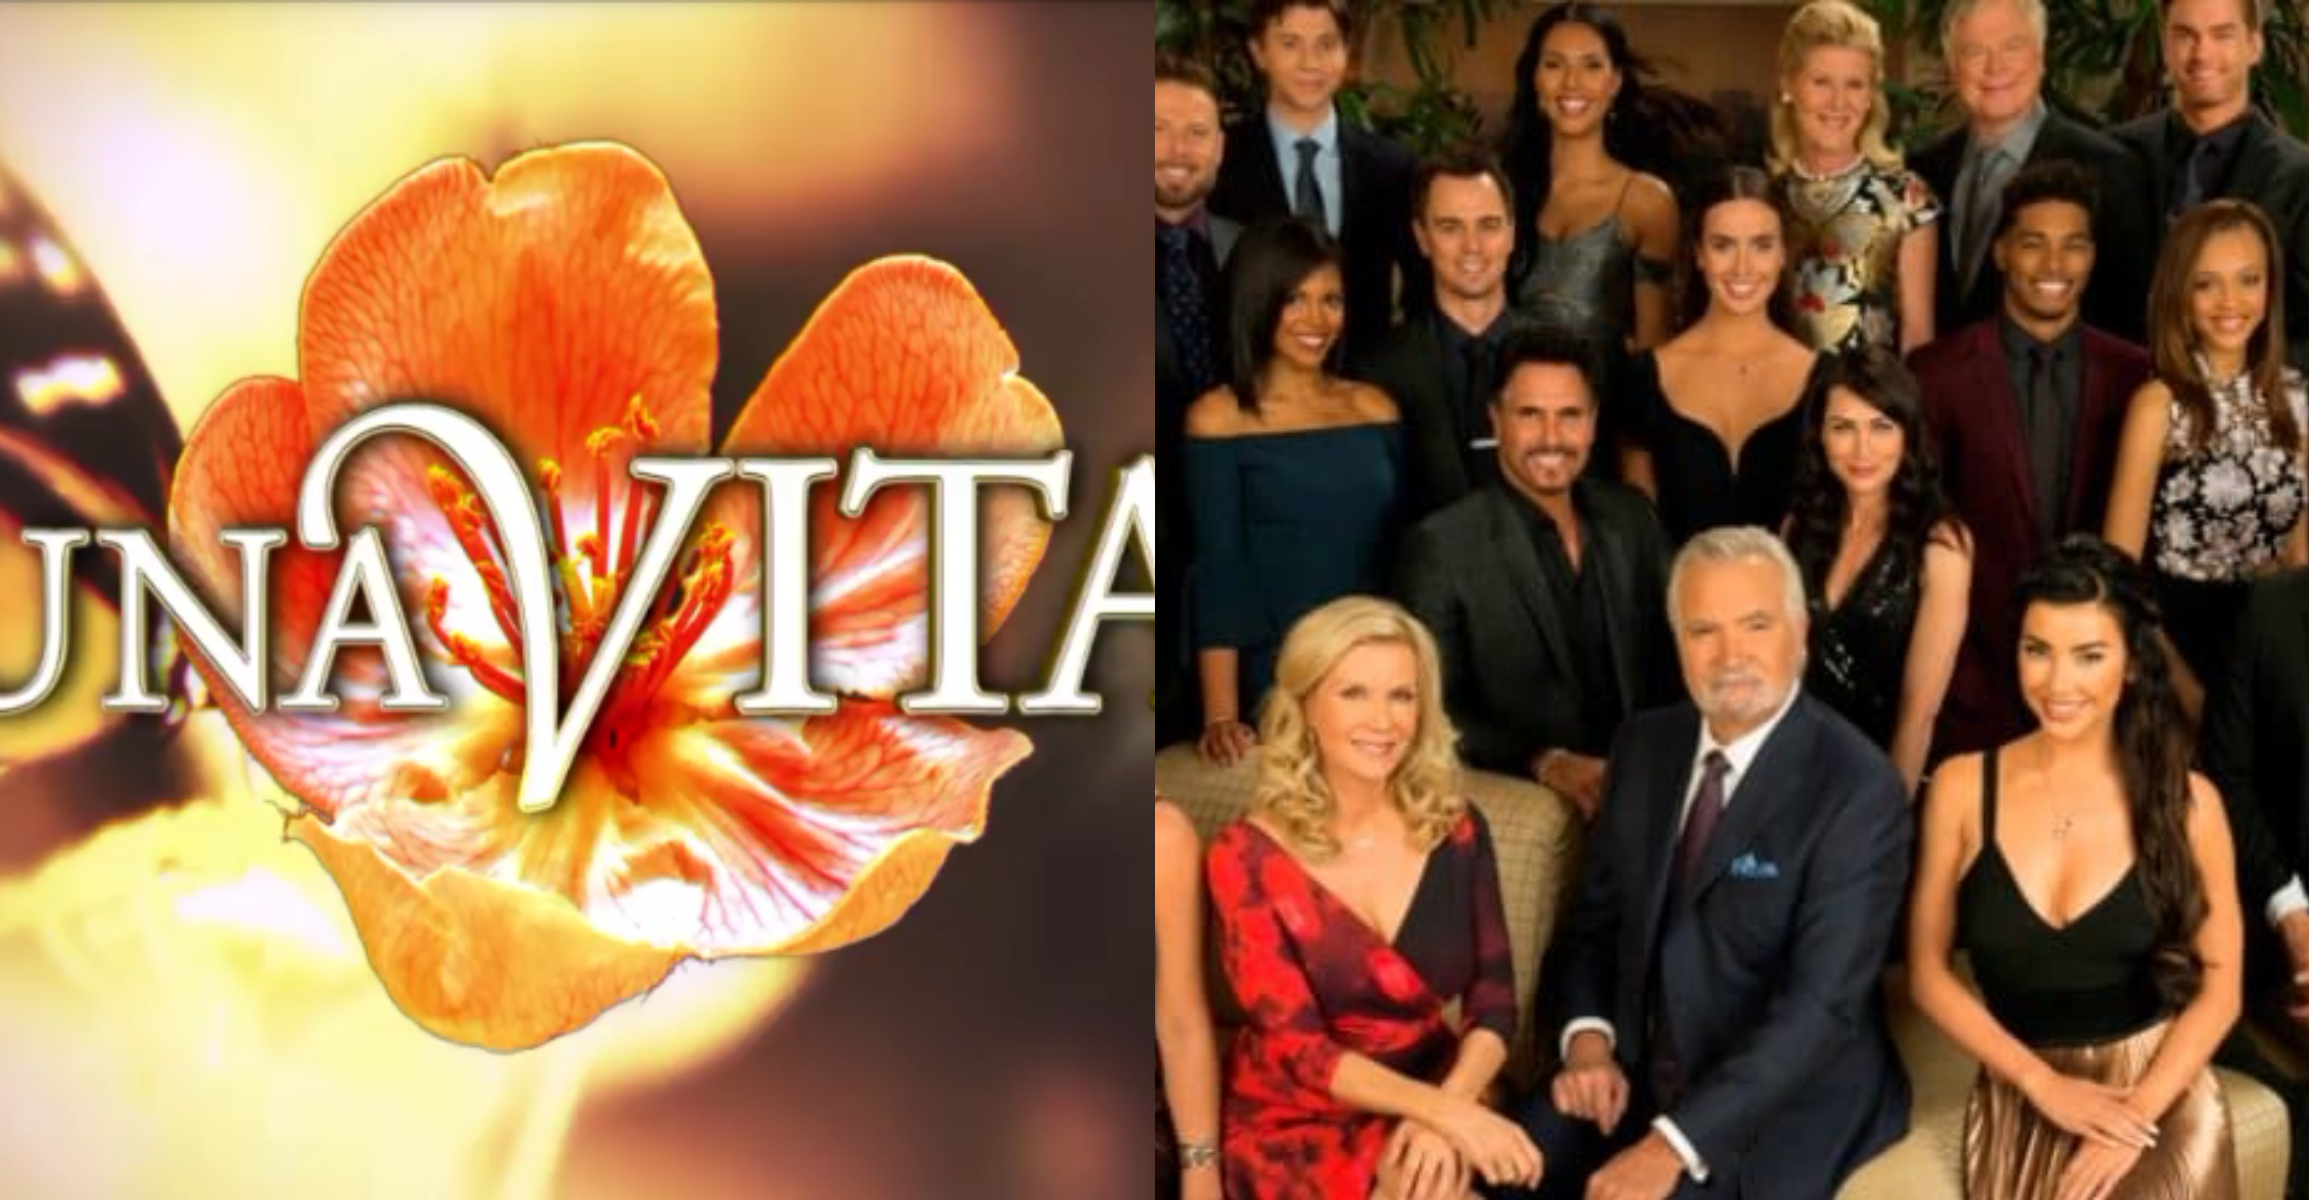 Beautiful e Una Vita: cambio di programmazione per le due soap opera